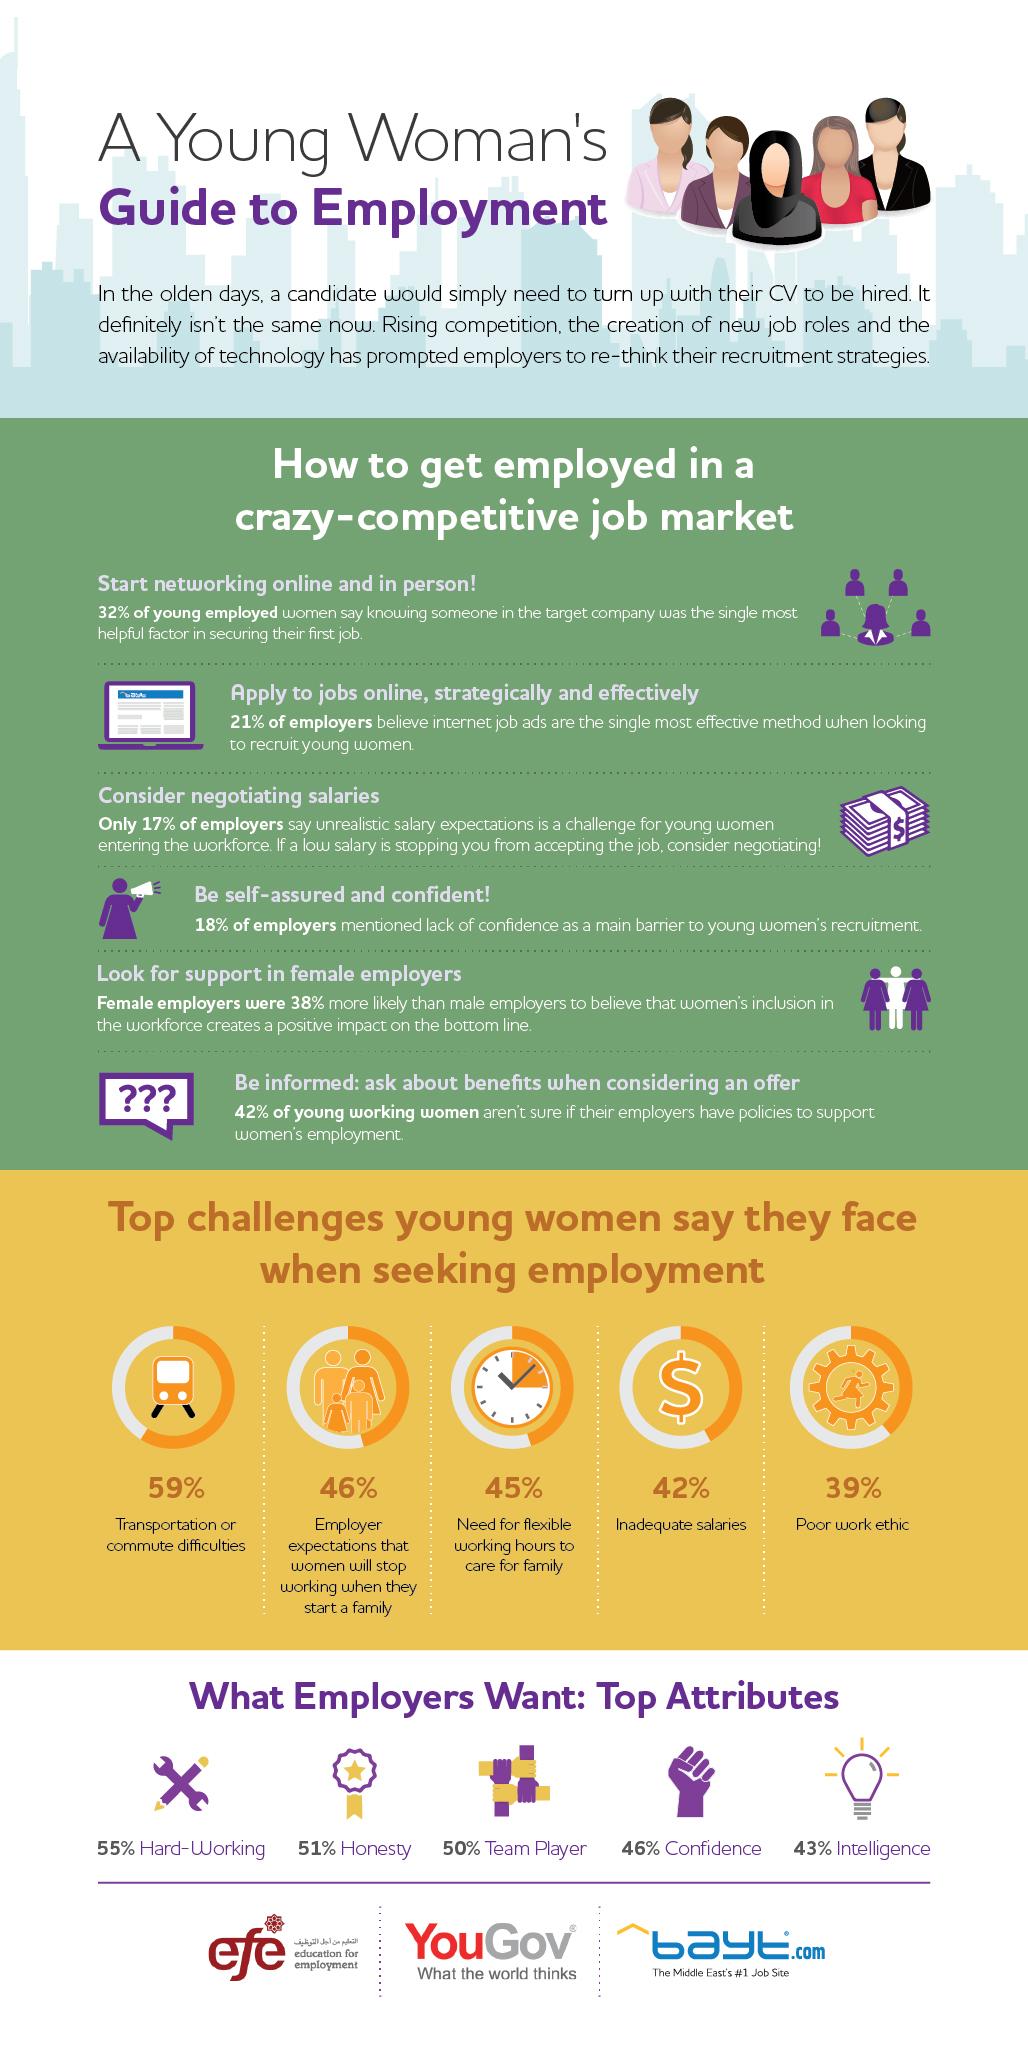 4-career-tips-for-women